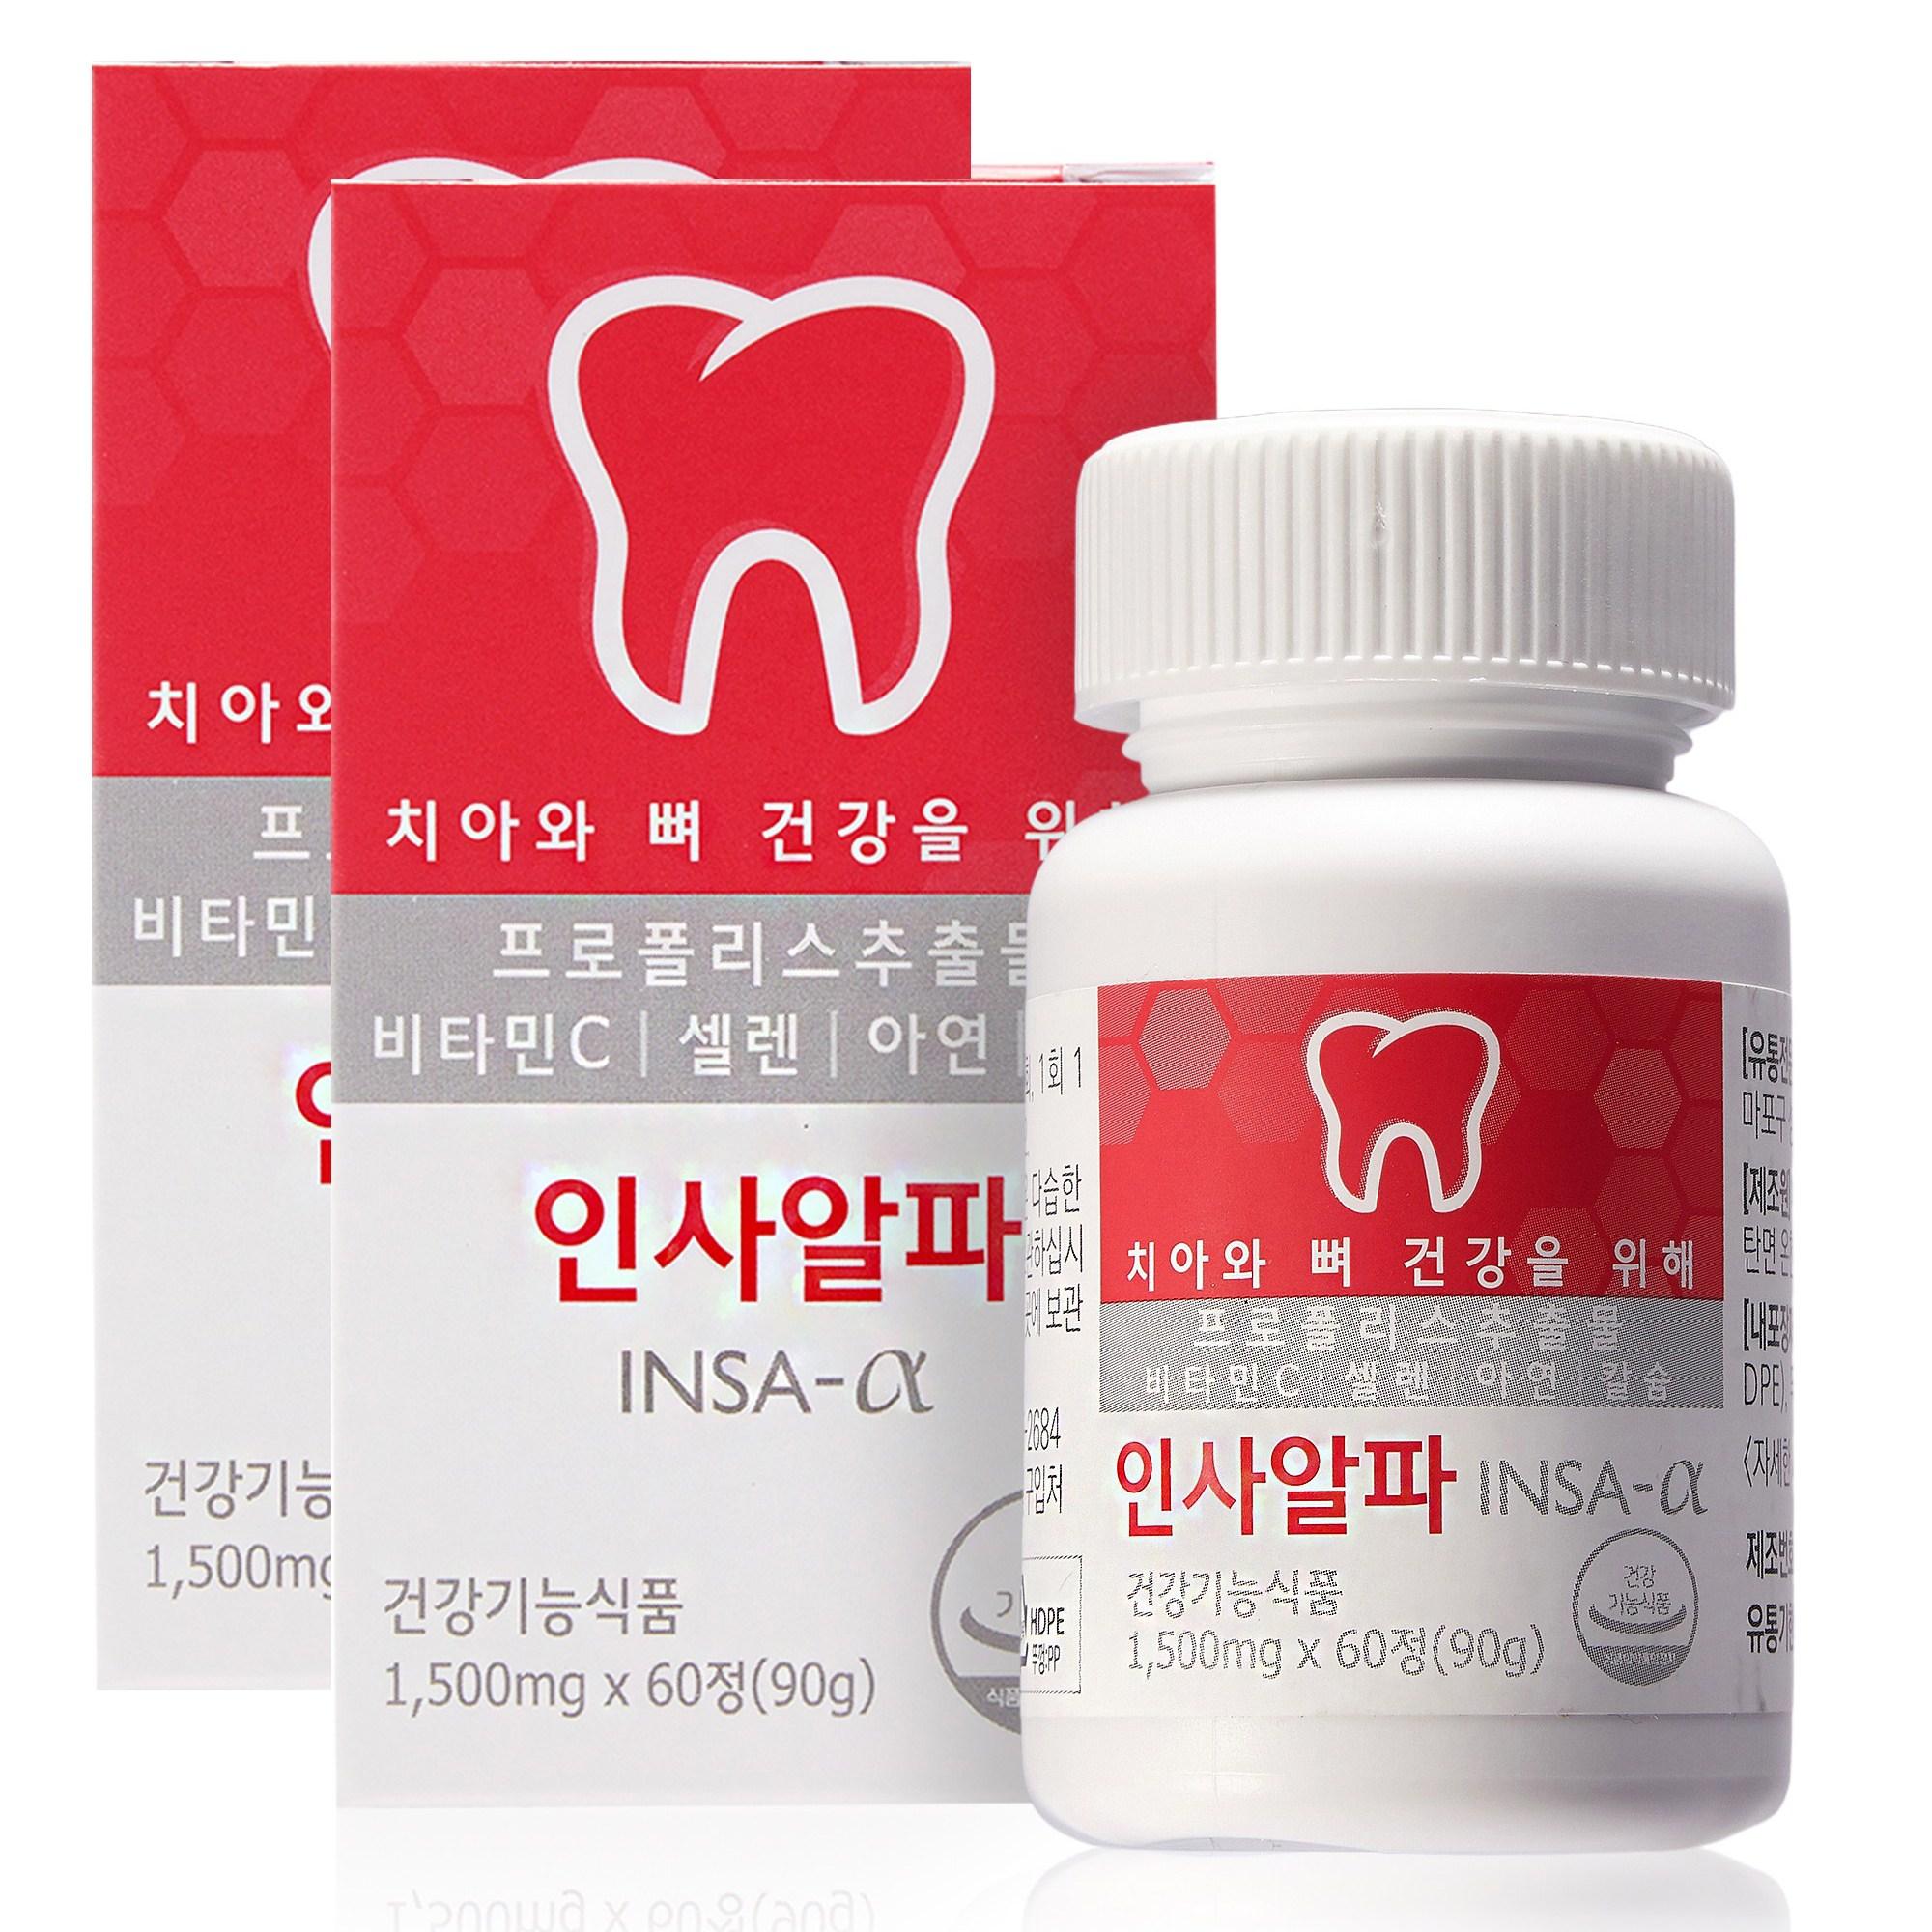 인사알파 잇몸 치아 뼈 건강에 도움 영양제 60정, 2개